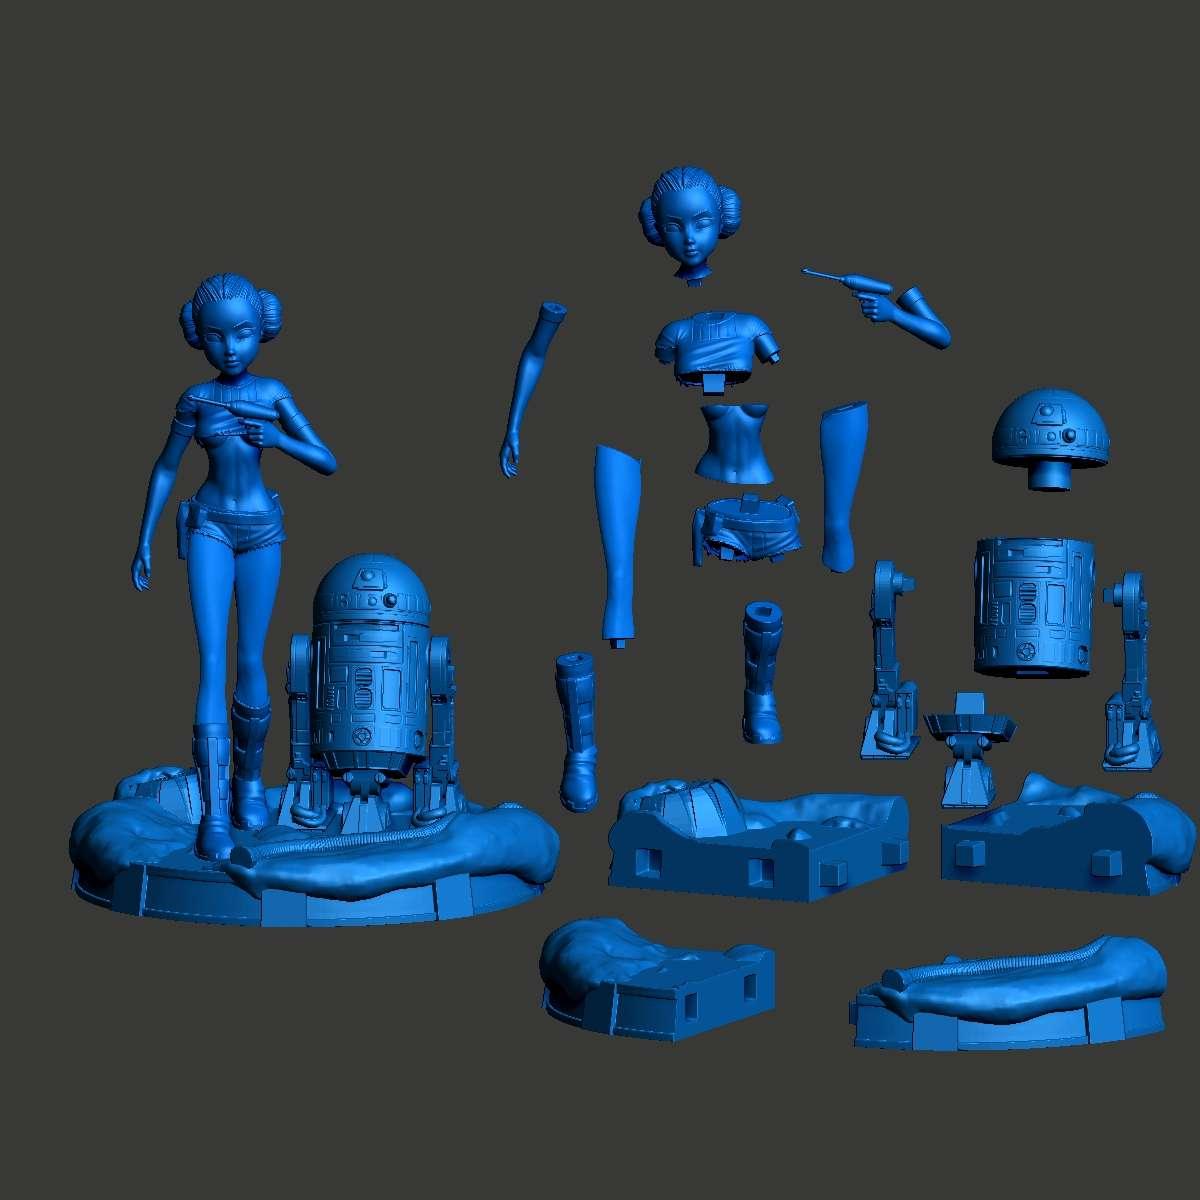 Padmé Amidala Sexy Version - Padmé Amidala (Star Wars) + R2D2 + Base height 25cm 16-part model with plug-in plugs compatible with resin printer with printing area 68mm x 120mm x 150   - Los mejores archivos para impresión 3D del mundo. Modelos Stl divididos en partes para facilitar la impresión 3D. Todo tipo de personajes, decoración, cosplay, prótesis, piezas. Calidad en impresión 3D. Modelos 3D asequibles. Bajo costo. Compras colectivas de archivos 3D.